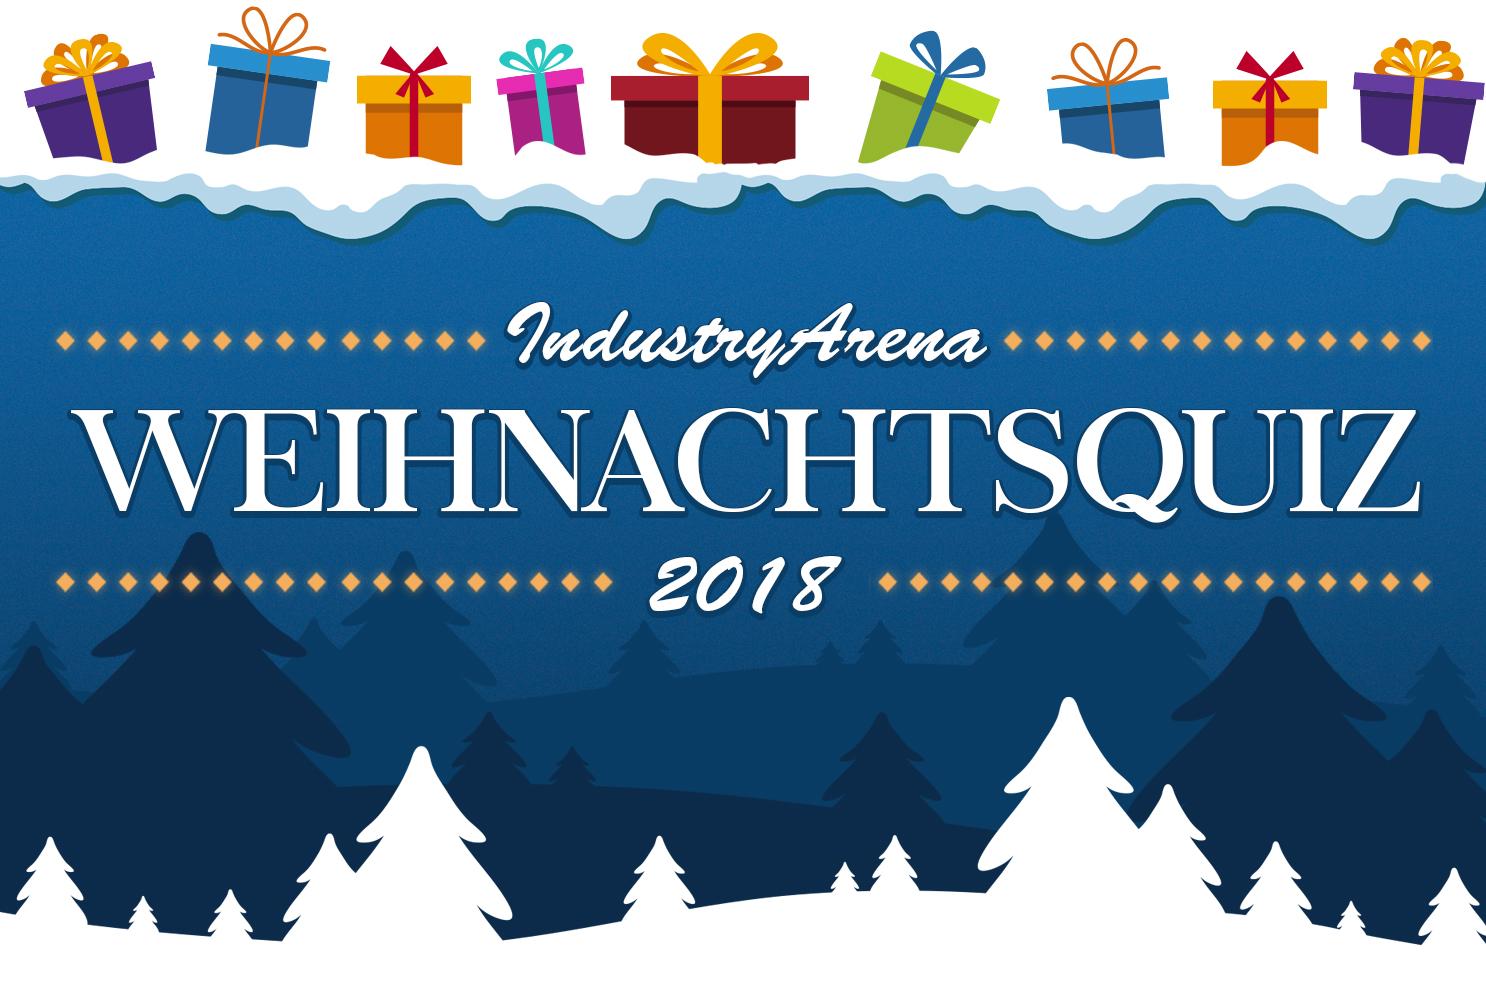 IndustryArena Weihnachtsquiz 2018